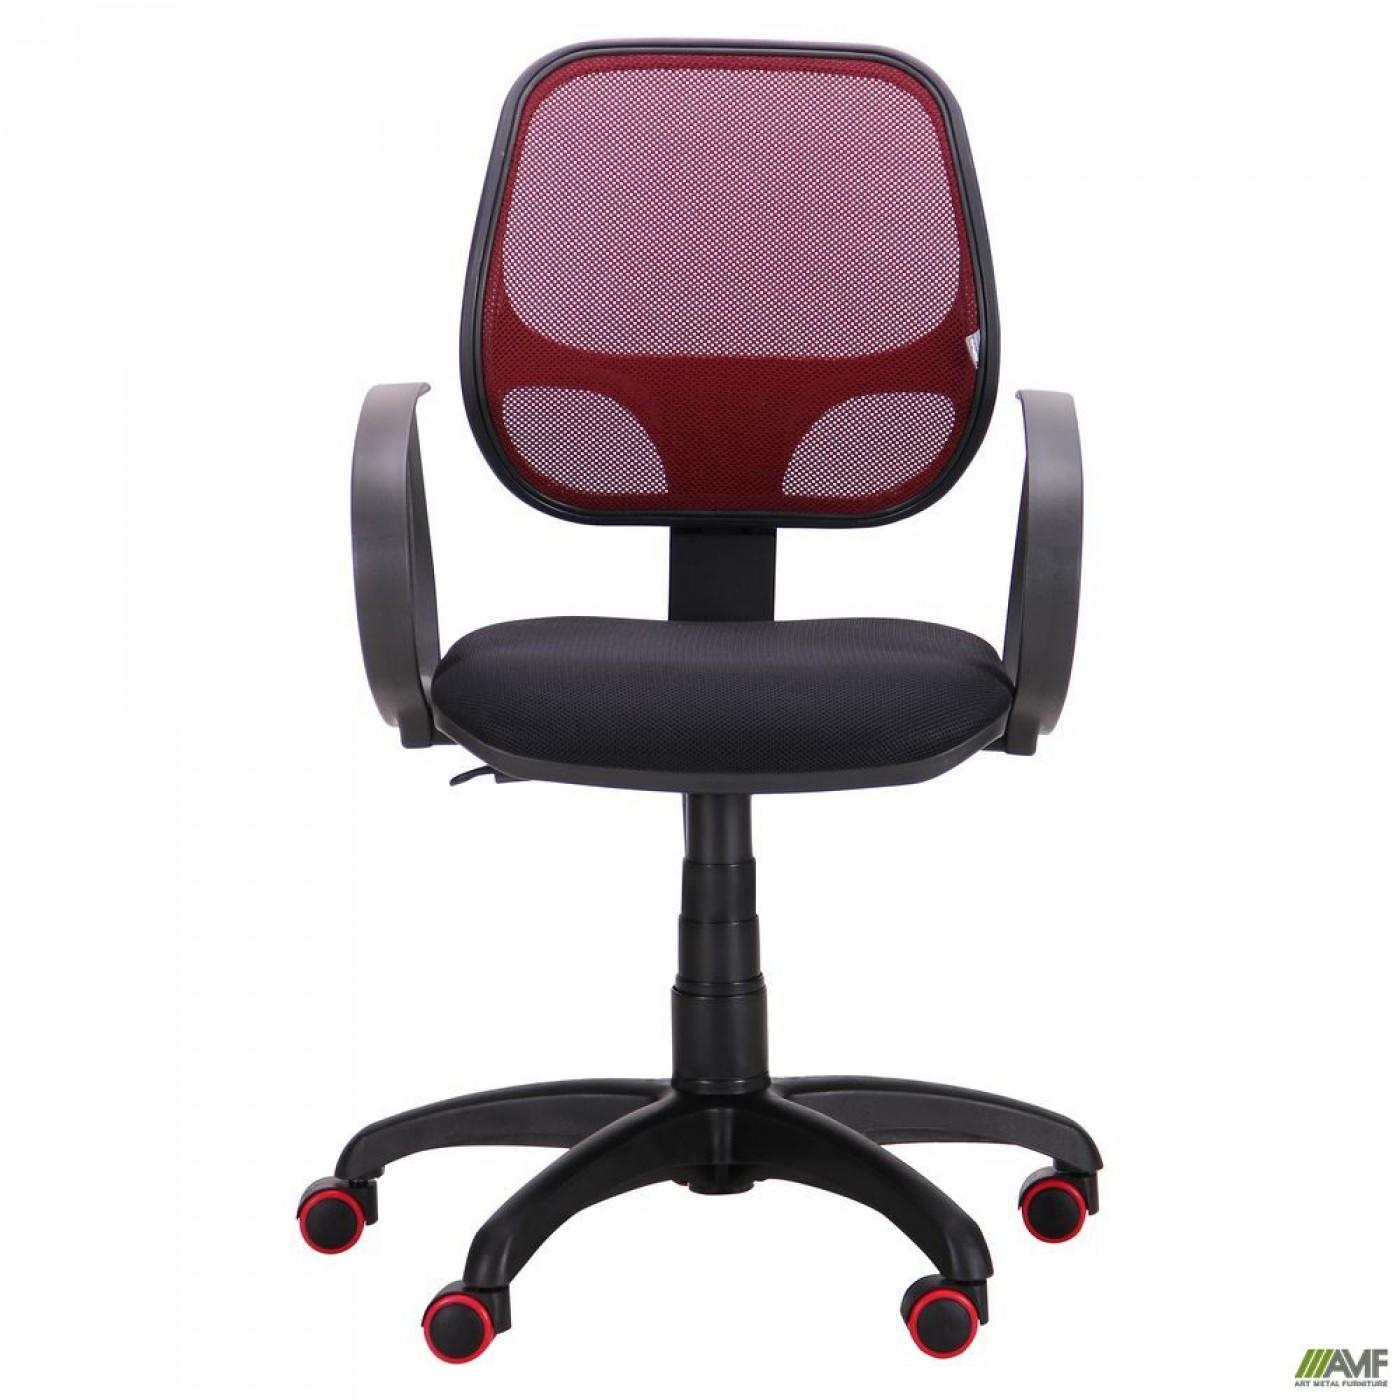 Кресло Бит Color/АМФ-8 сиденье А-1/спинка Сетка бордовая